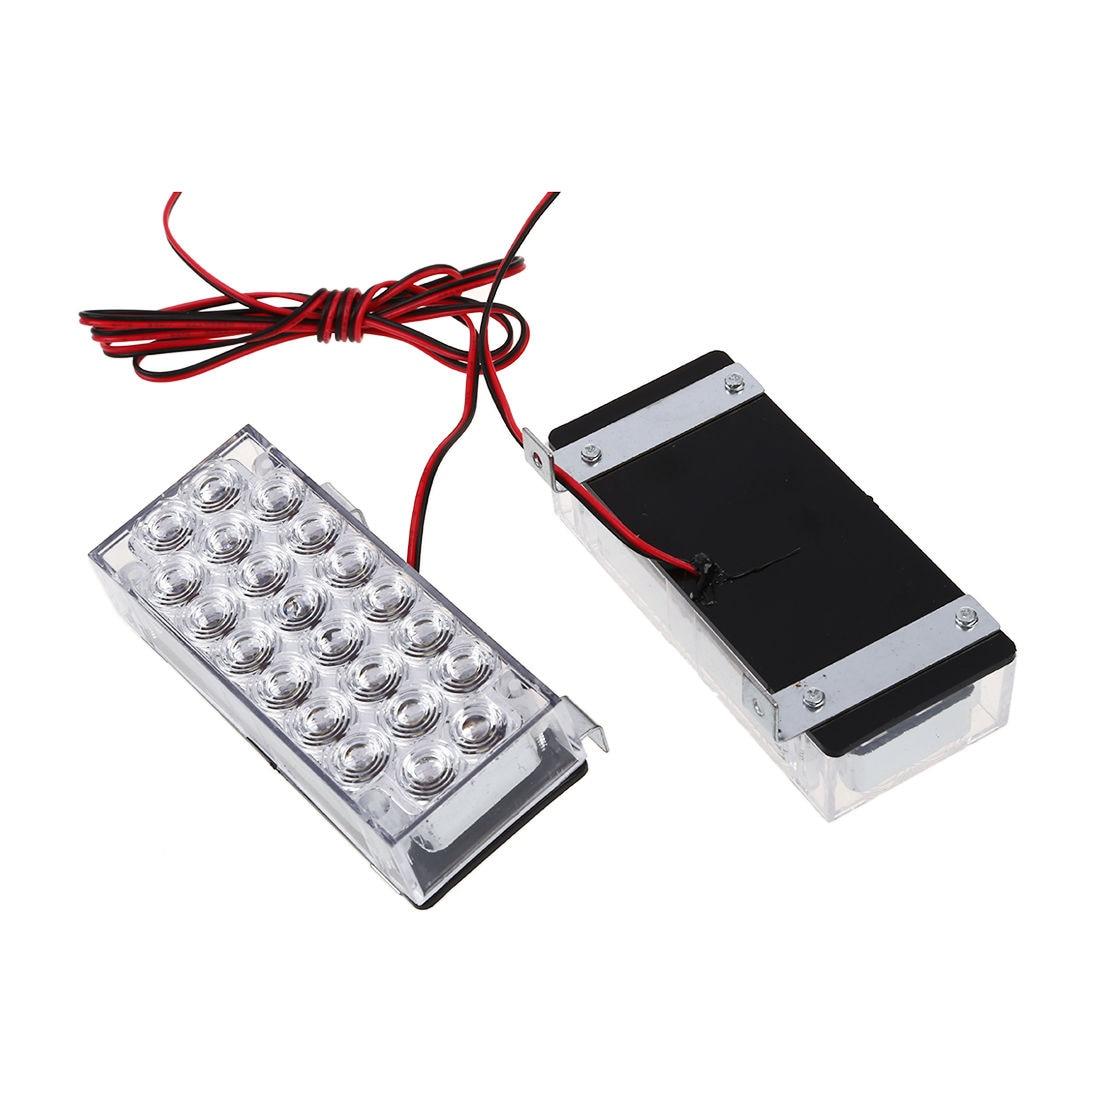 MOOL 3 Modes 22 LED Strobe Taillight Flashing White